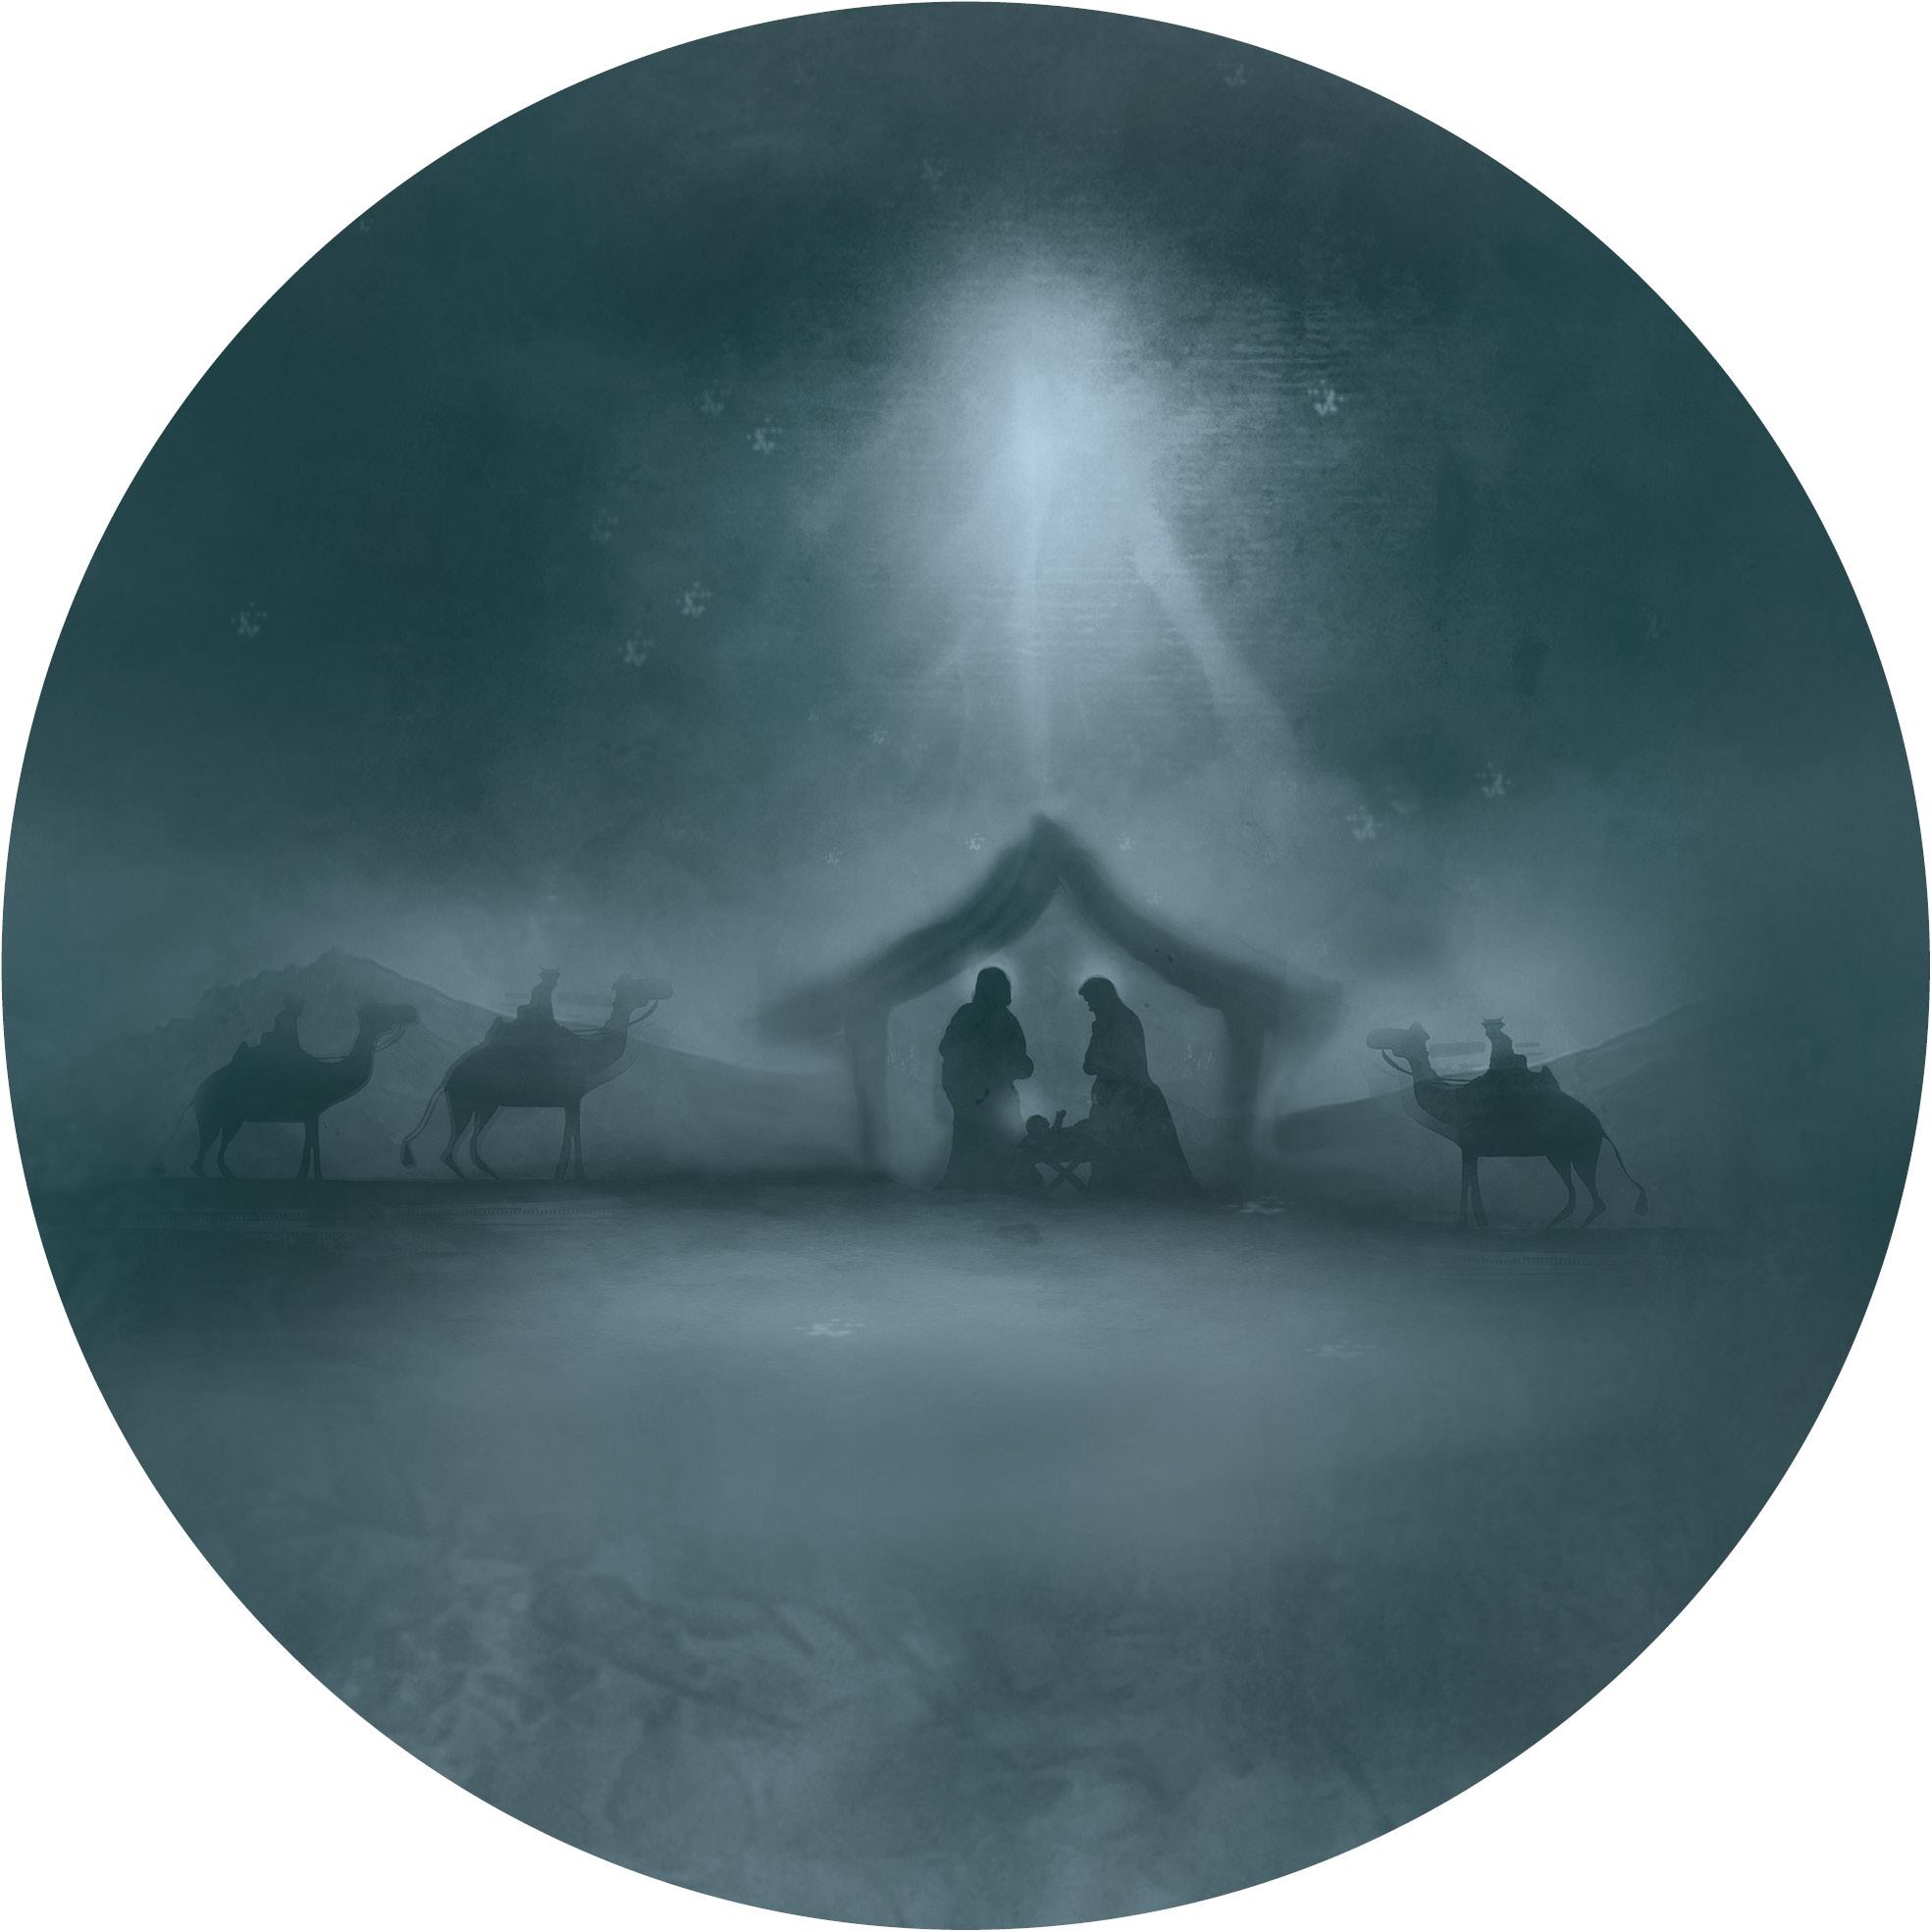 Muurcirkel Kerst Groen 25 cm - Stal van Bethlehem